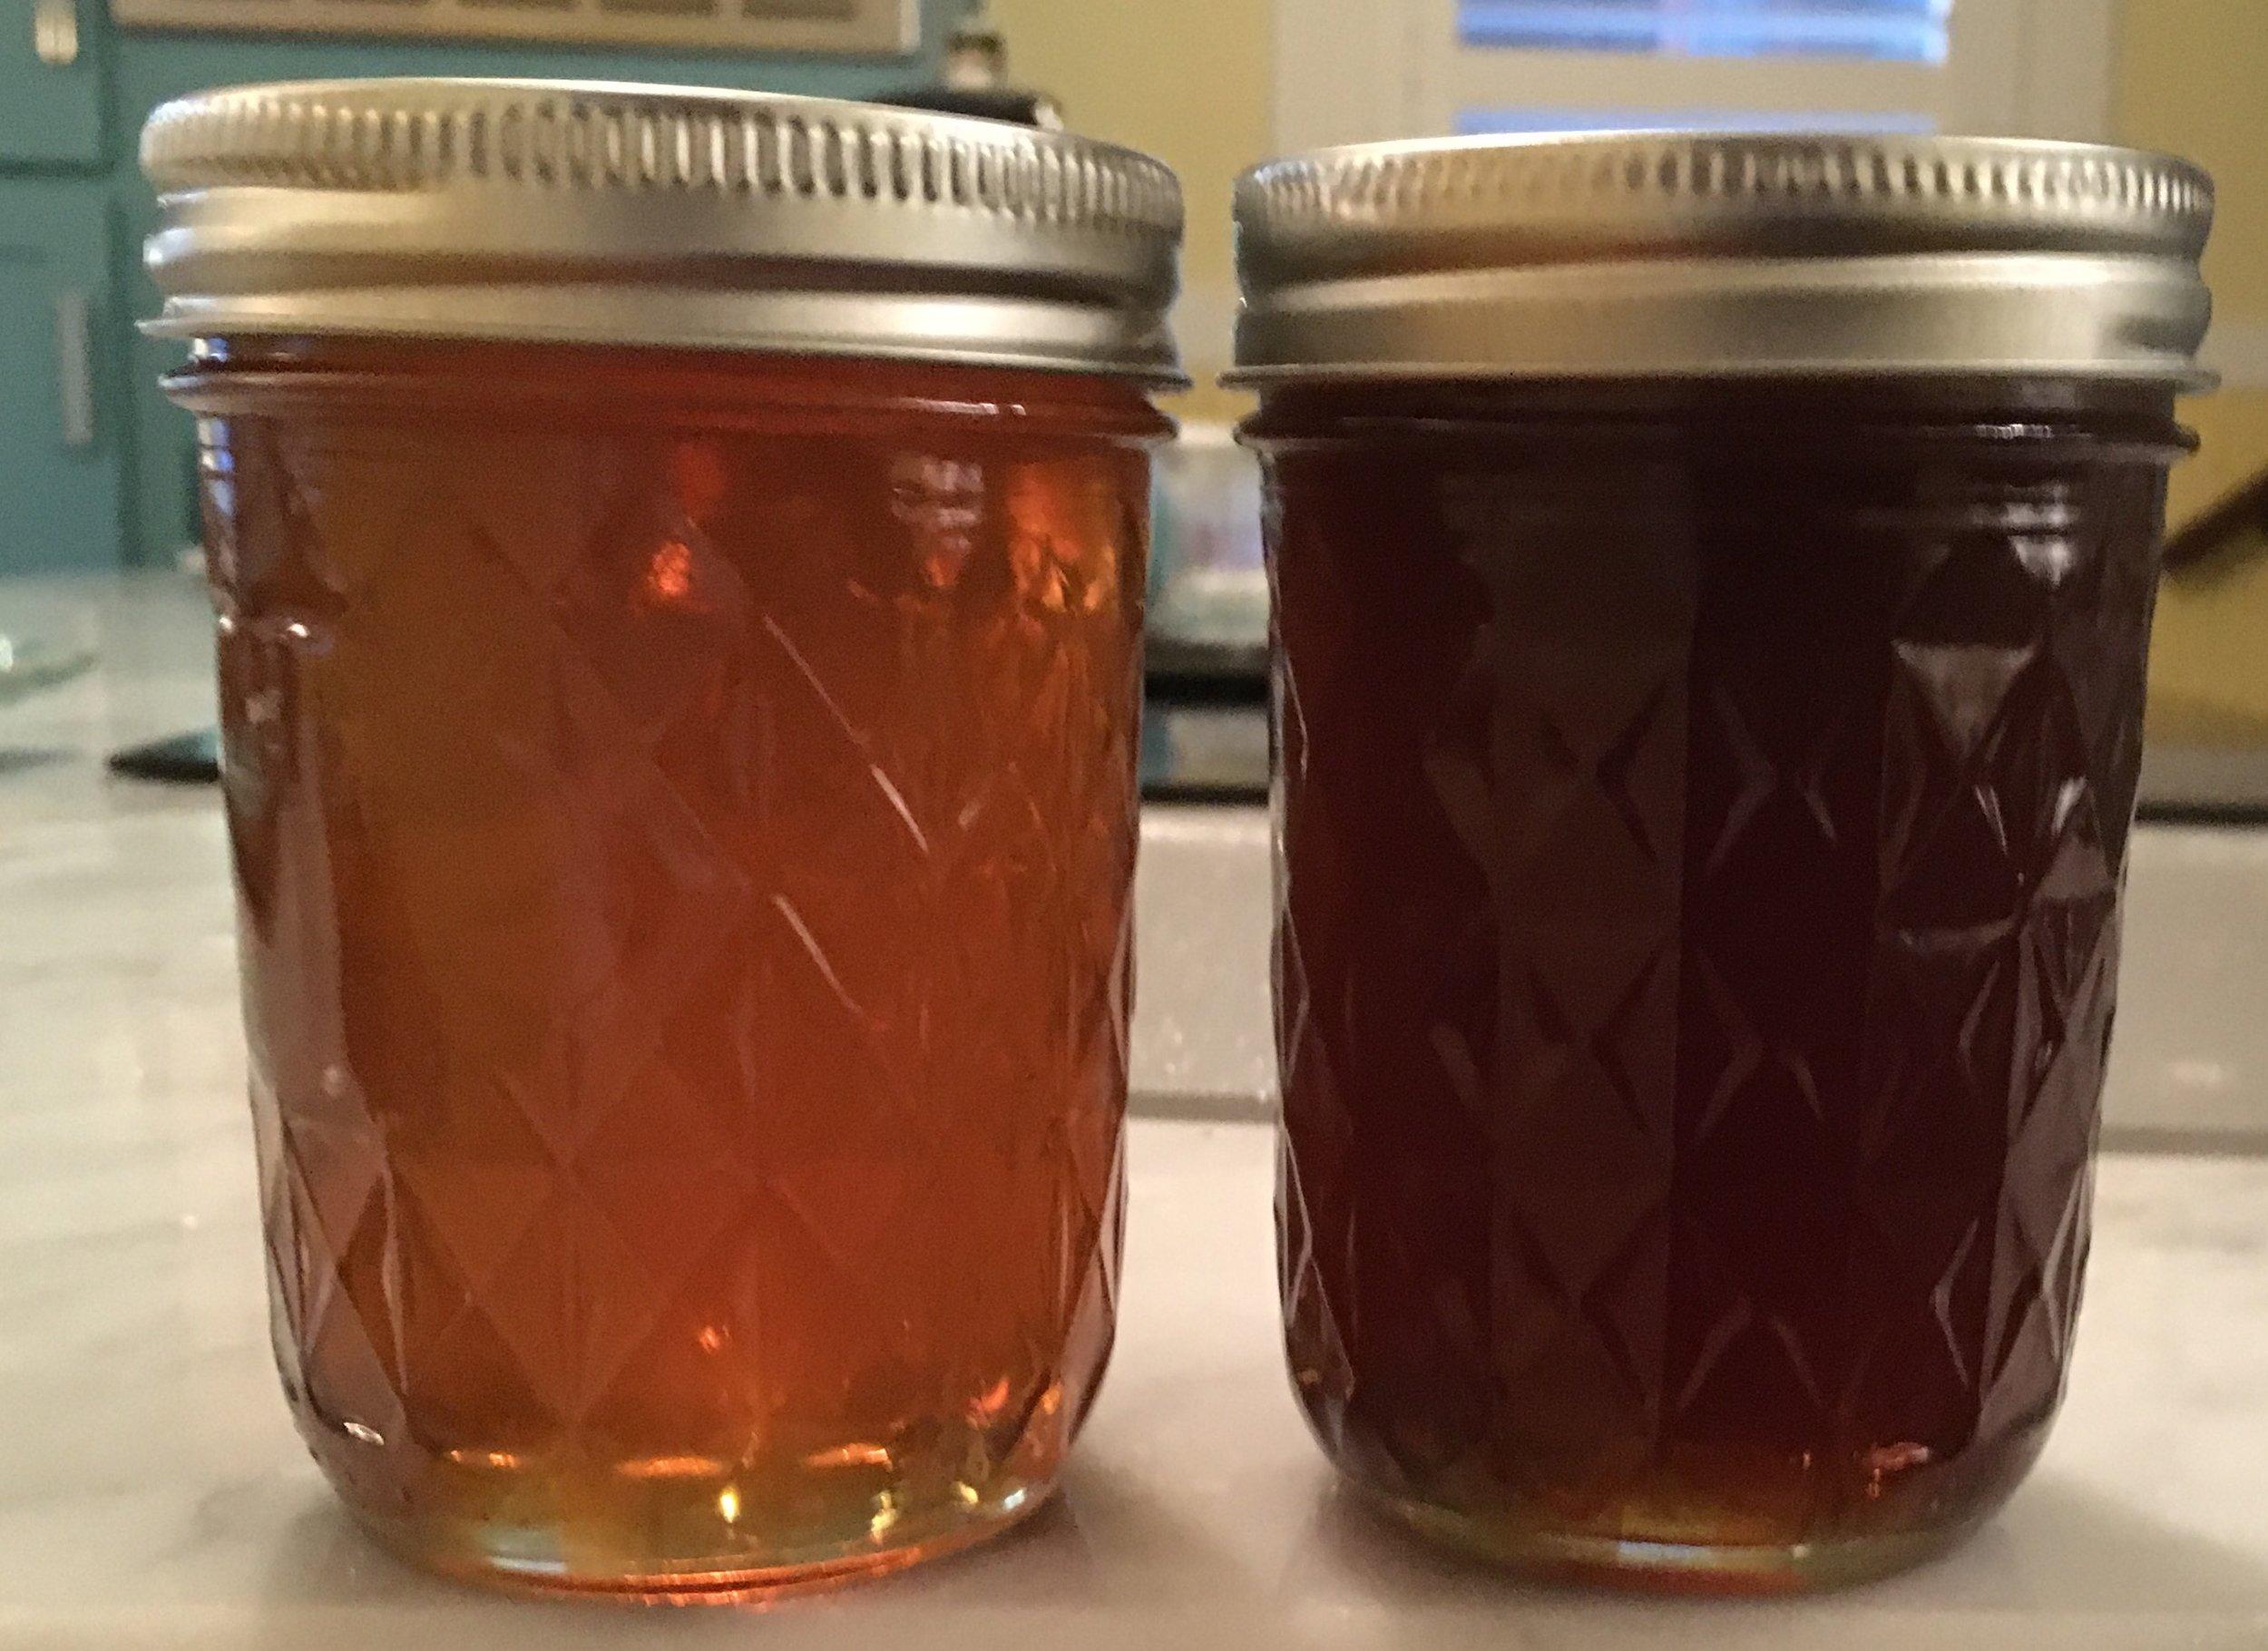 Left - late summer honey. Right - Boneset honey.